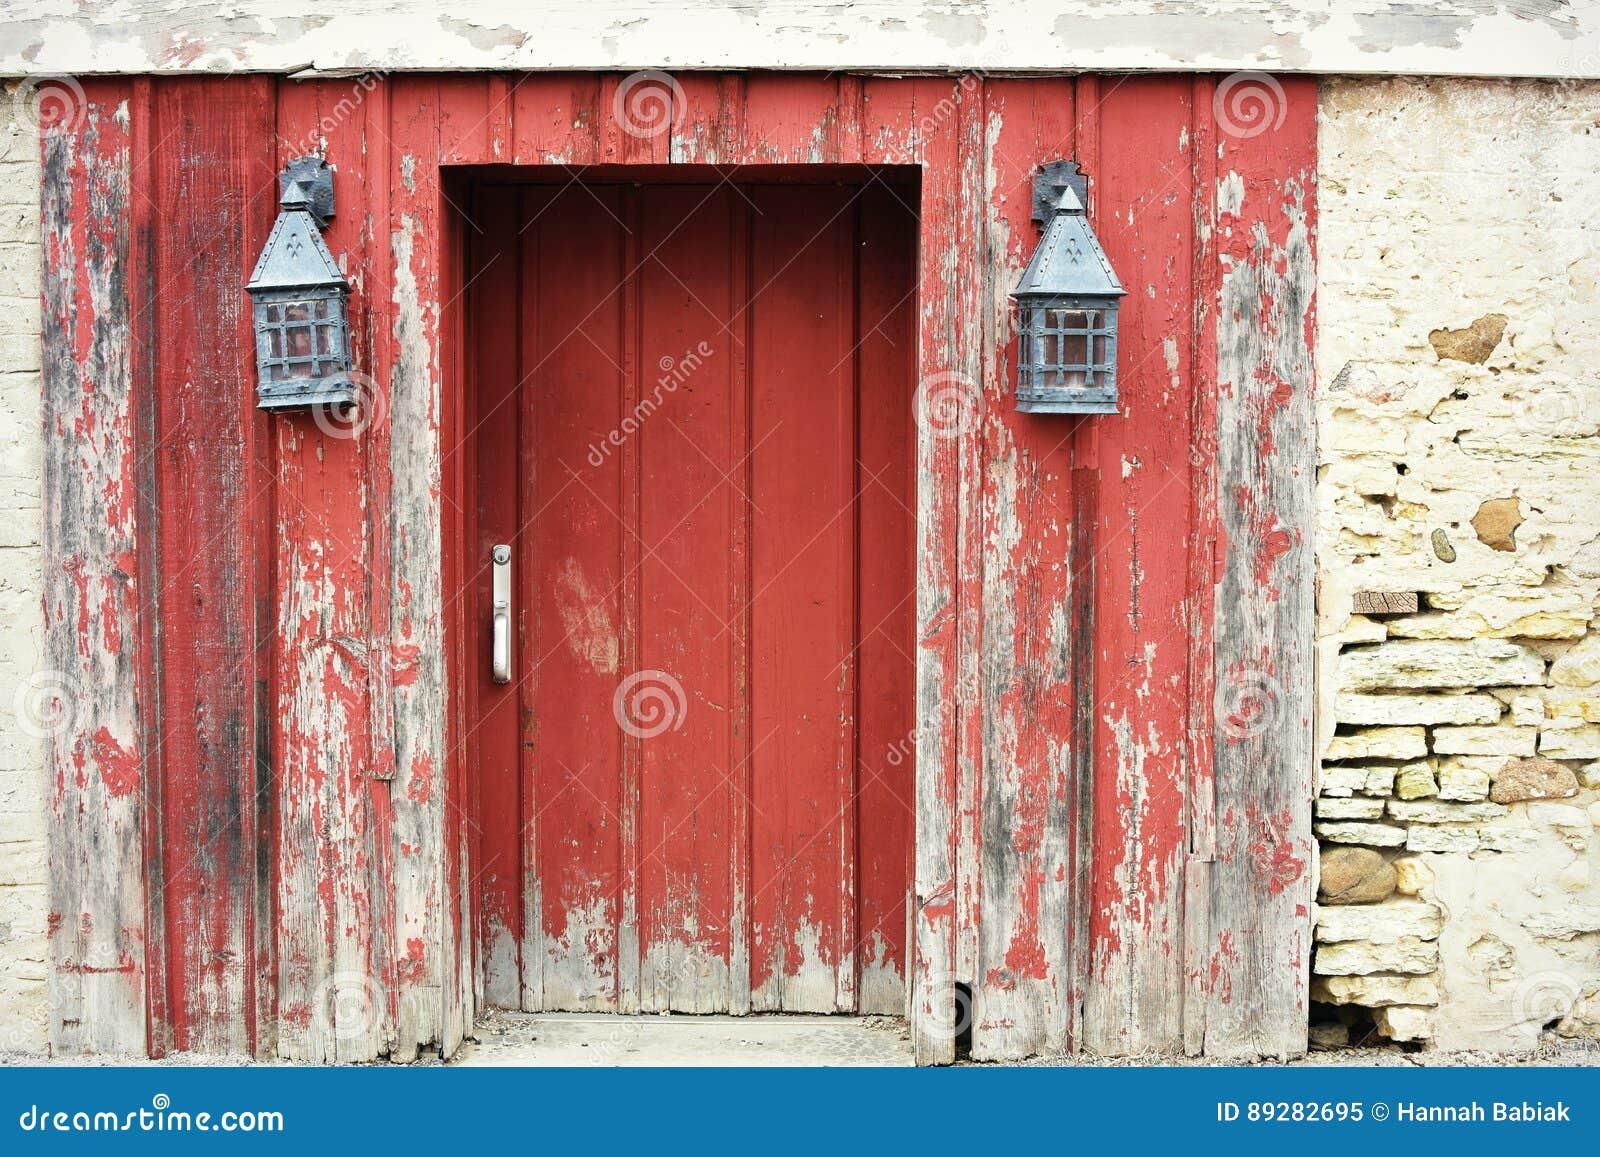 Red Barn Door With Lanterns Stock Image Image Of Door Black 89282695